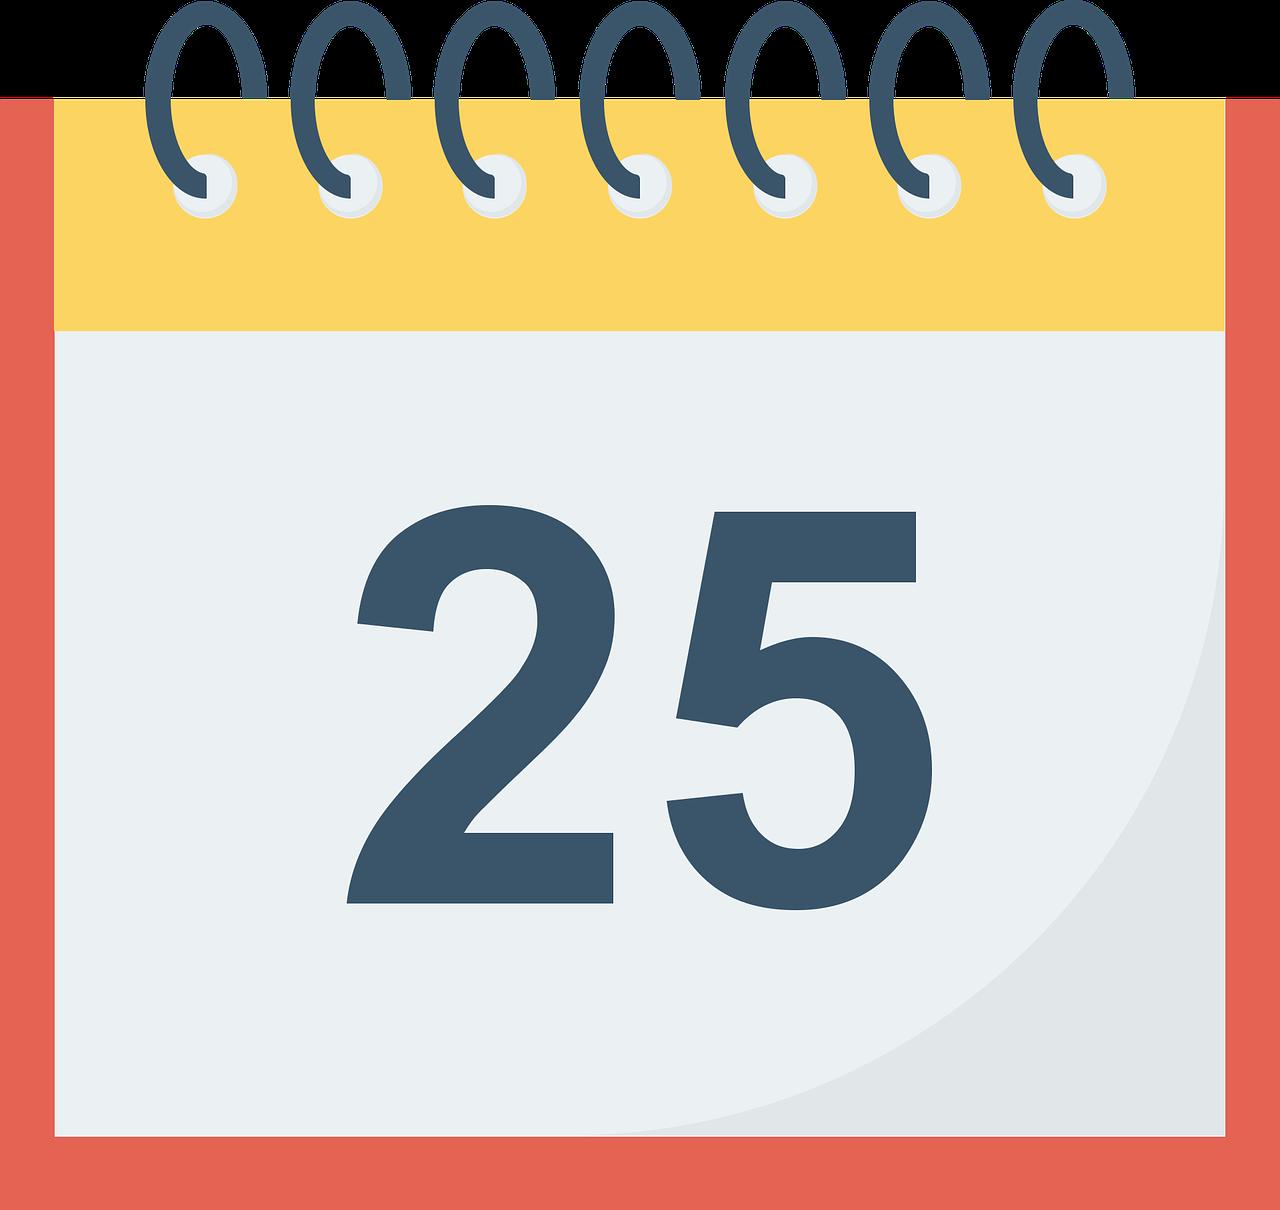 25日のイメージ画像